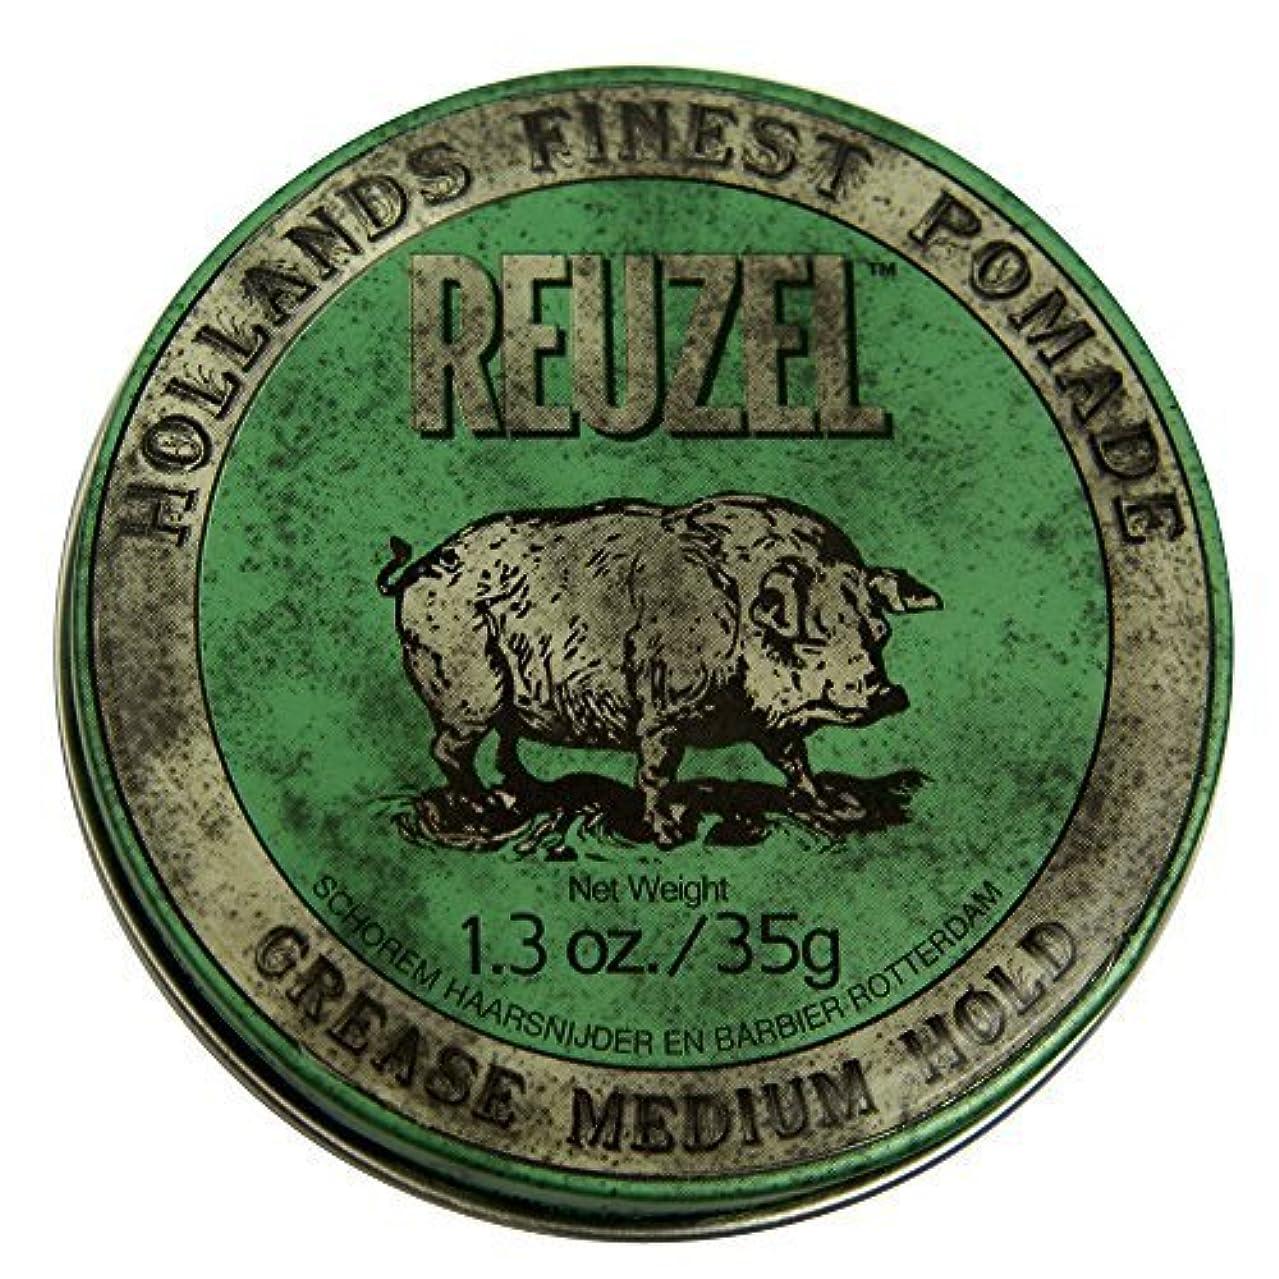 接ぎ木フィードオン脅迫by Reuzel Reuzel Green Grease Medium Hold Hair Styling Pomade Piglet 1.3oz (35g) Wax/Gel [並行輸入品]